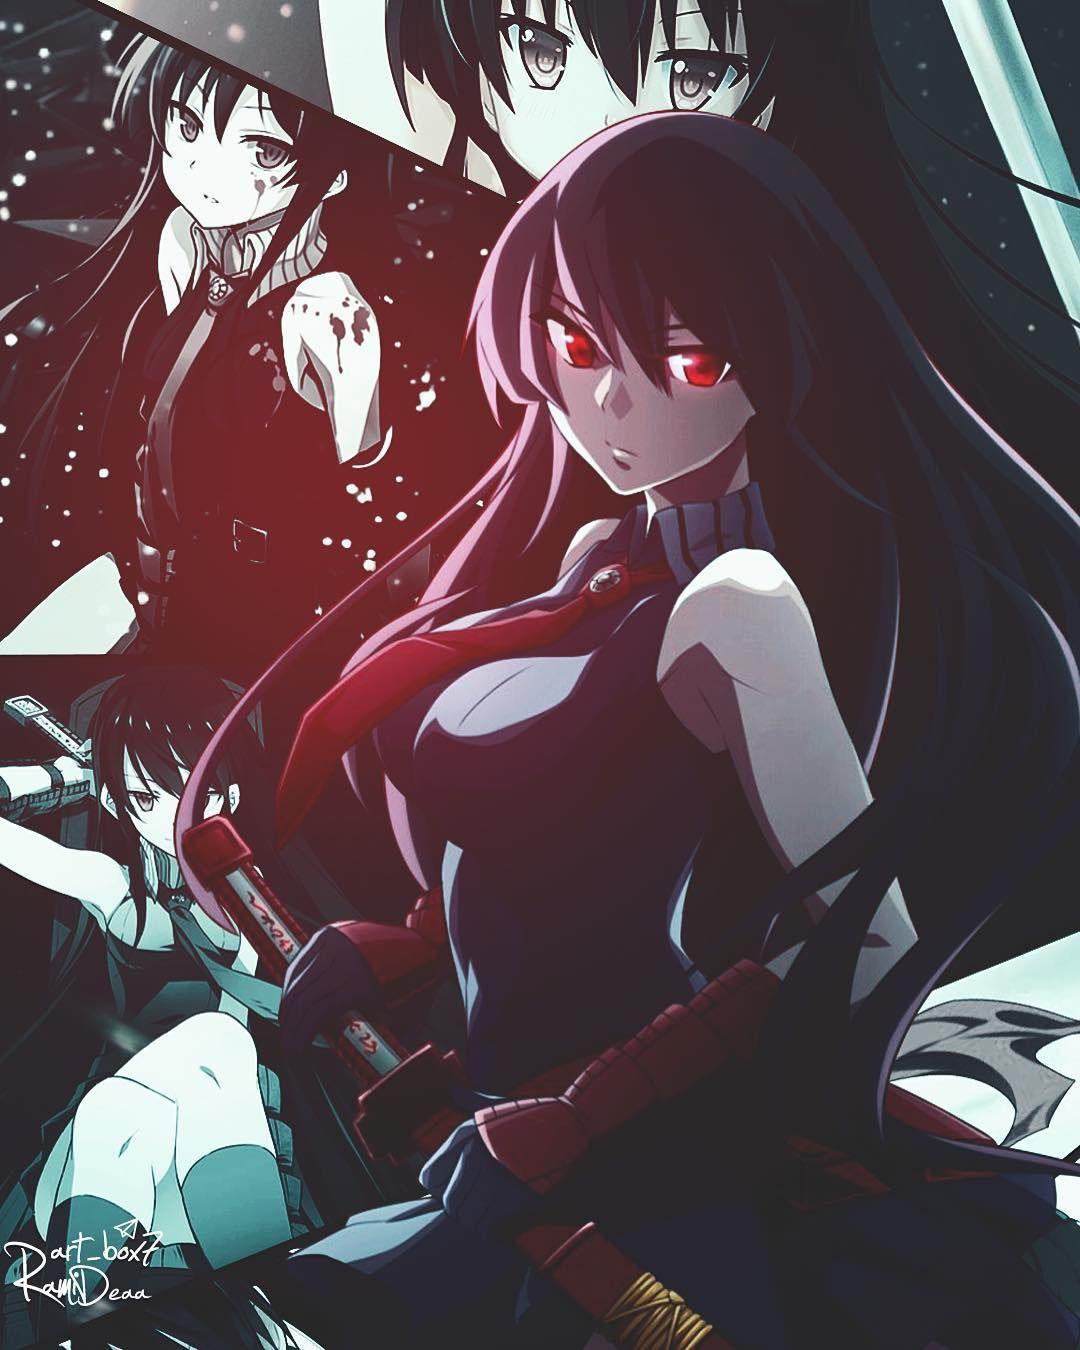 Akamegakill Akame Anime Art Design Wallpaper イラスト